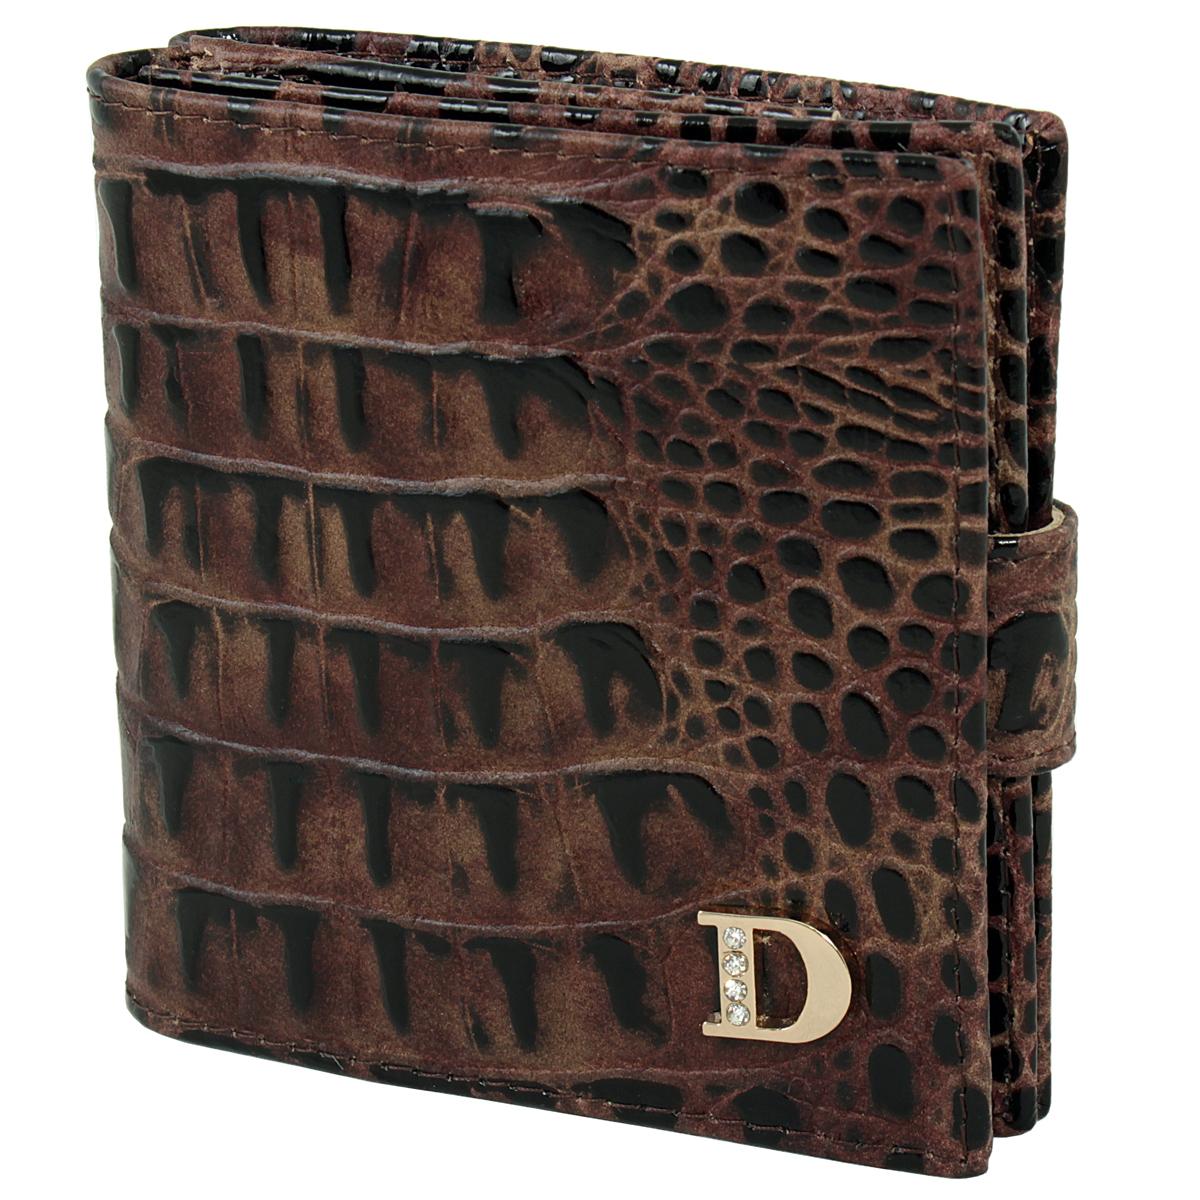 Кошелек женский Dimanche Loricata Brun, цвет: коричневый, бежевый. 207207Женский компактный кошелек Loricata Brun выполнен из натуральной высококачественной кожи с декоративным тиснением. Кошелек состоит из двух отделений. Первое отделение закрывается на магнитную кнопку, имеет четыре кармашка для кредиток и карман для монет с клапаном на кнопке. Второе отделение также закрывается на магнитную кнопку и содержит два кармана для купюр. Между отделениями также предусмотрен кармашек. Кошелек упакован в фирменную картонную коробку.